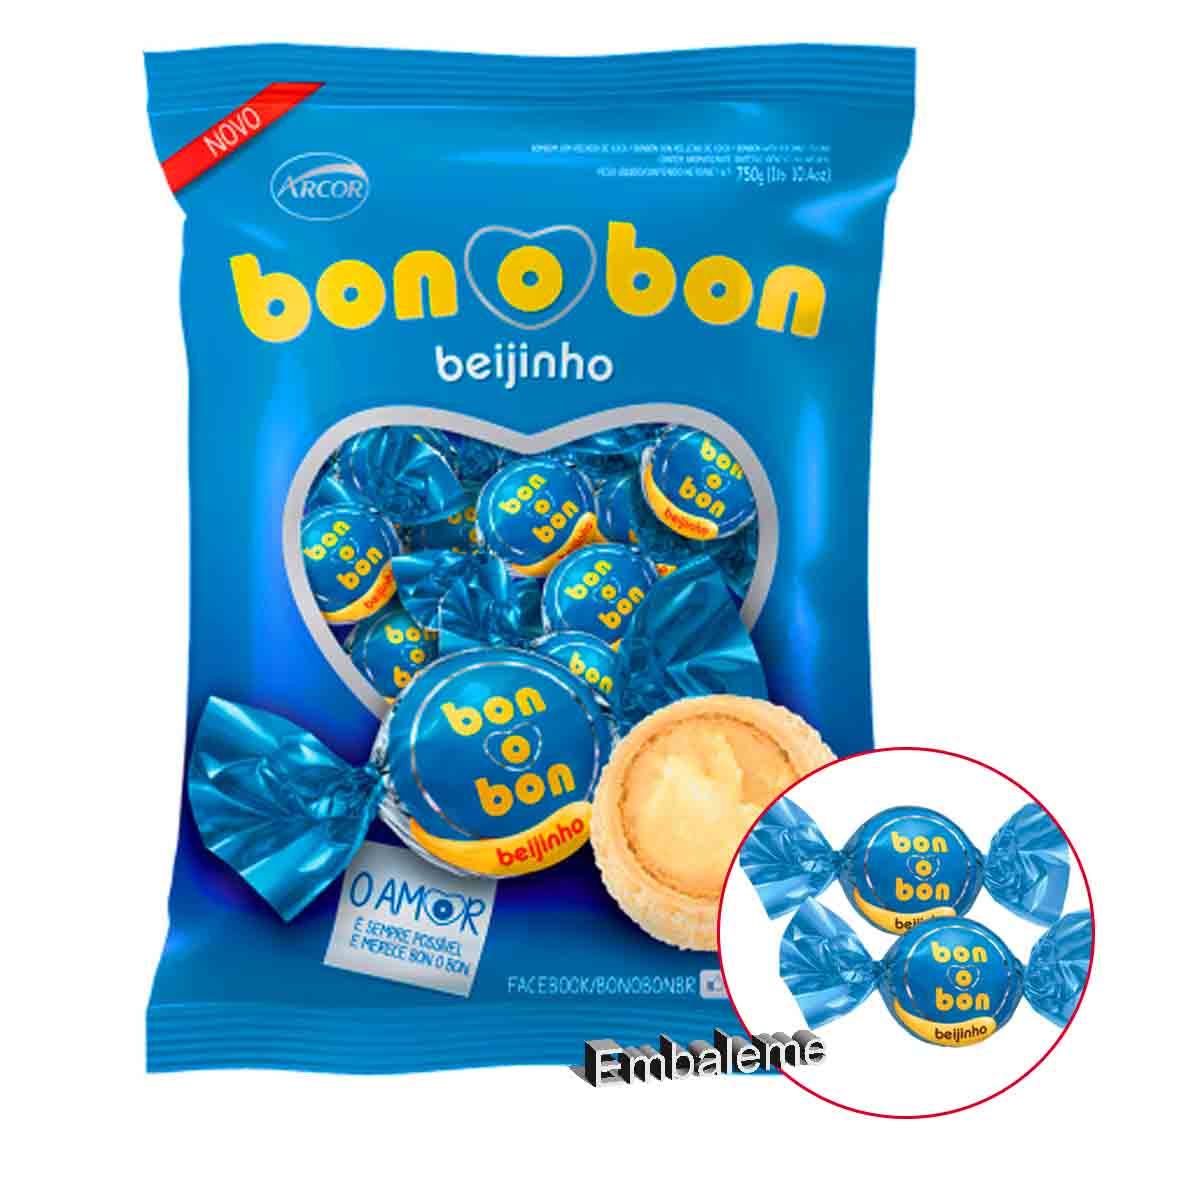 Bombom Arcor Beijinho Bonobom com 50 Unidades